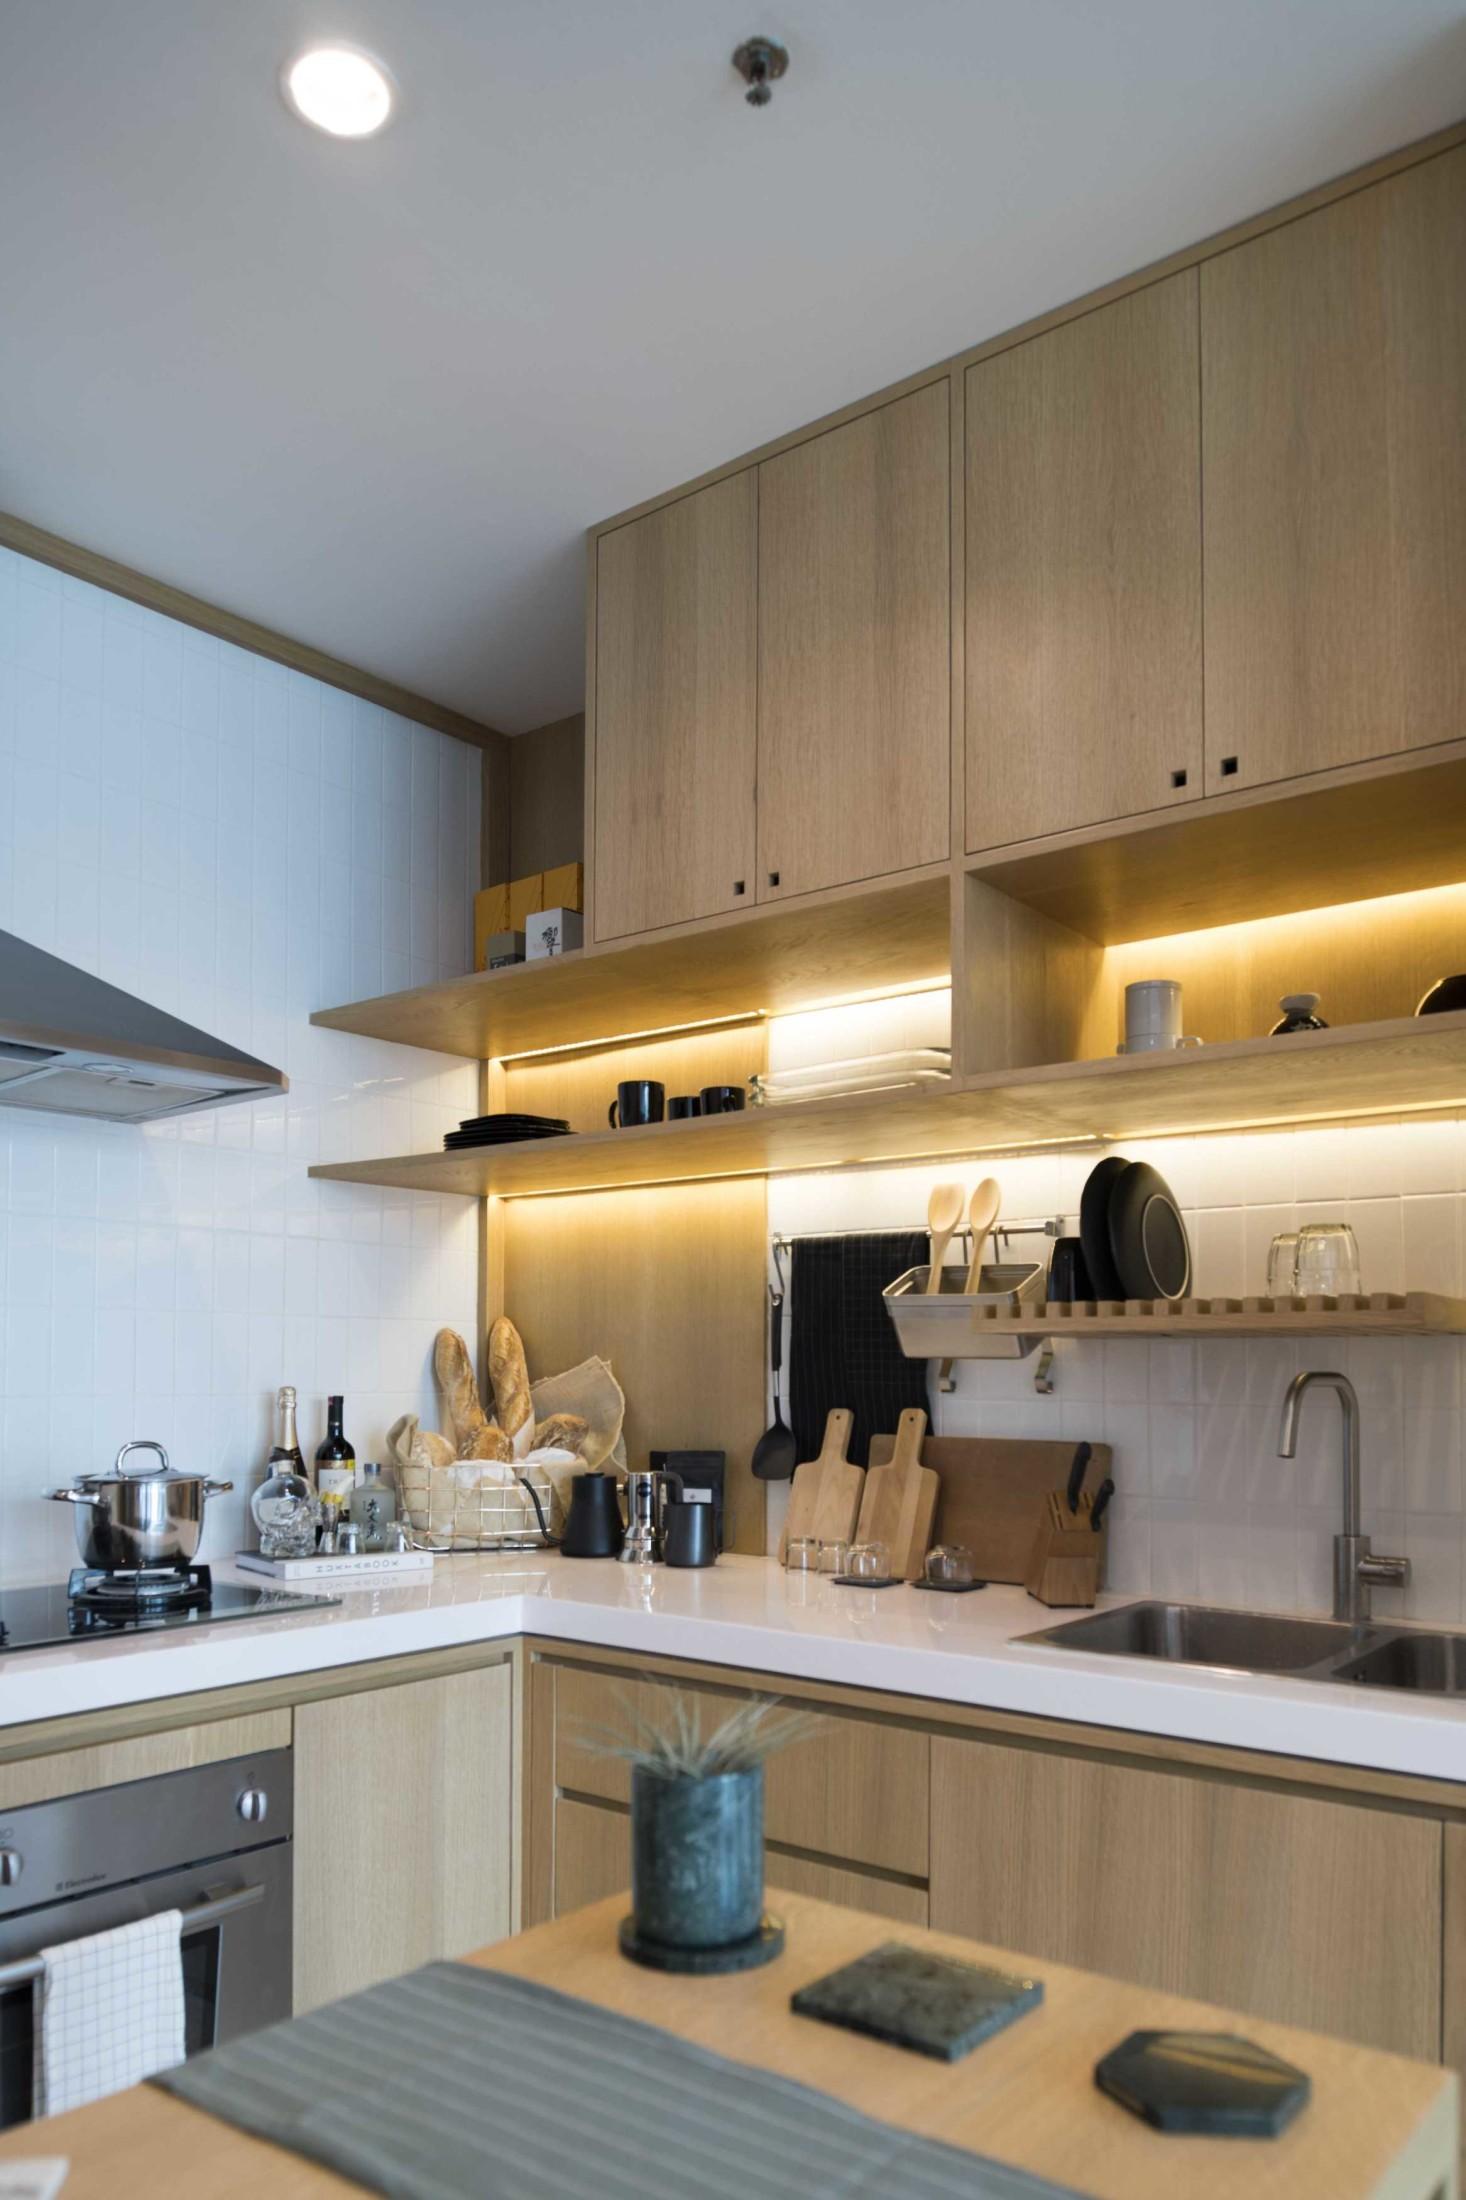 Dapur minimalis mungil yang cantik dengan pencahayaan menawan (Sumber: arsitag.com)